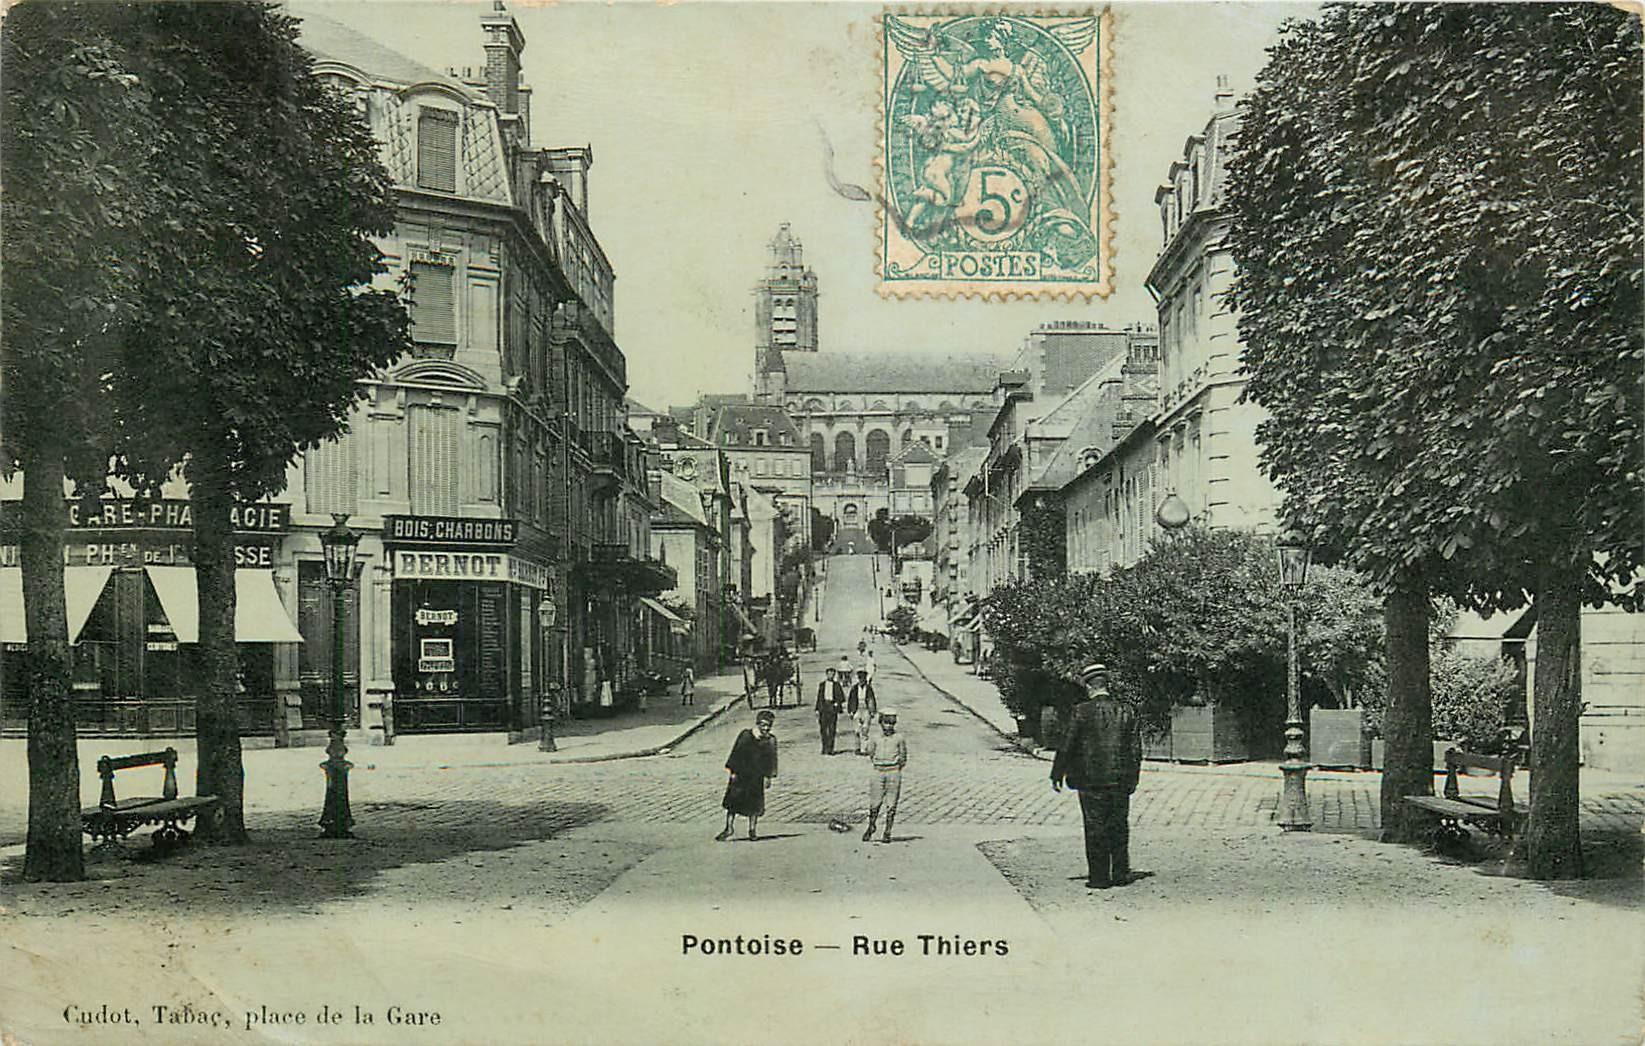 95 PONTOISE. Rue Thiers Pharmacie et bois et charbons Bernot 1906